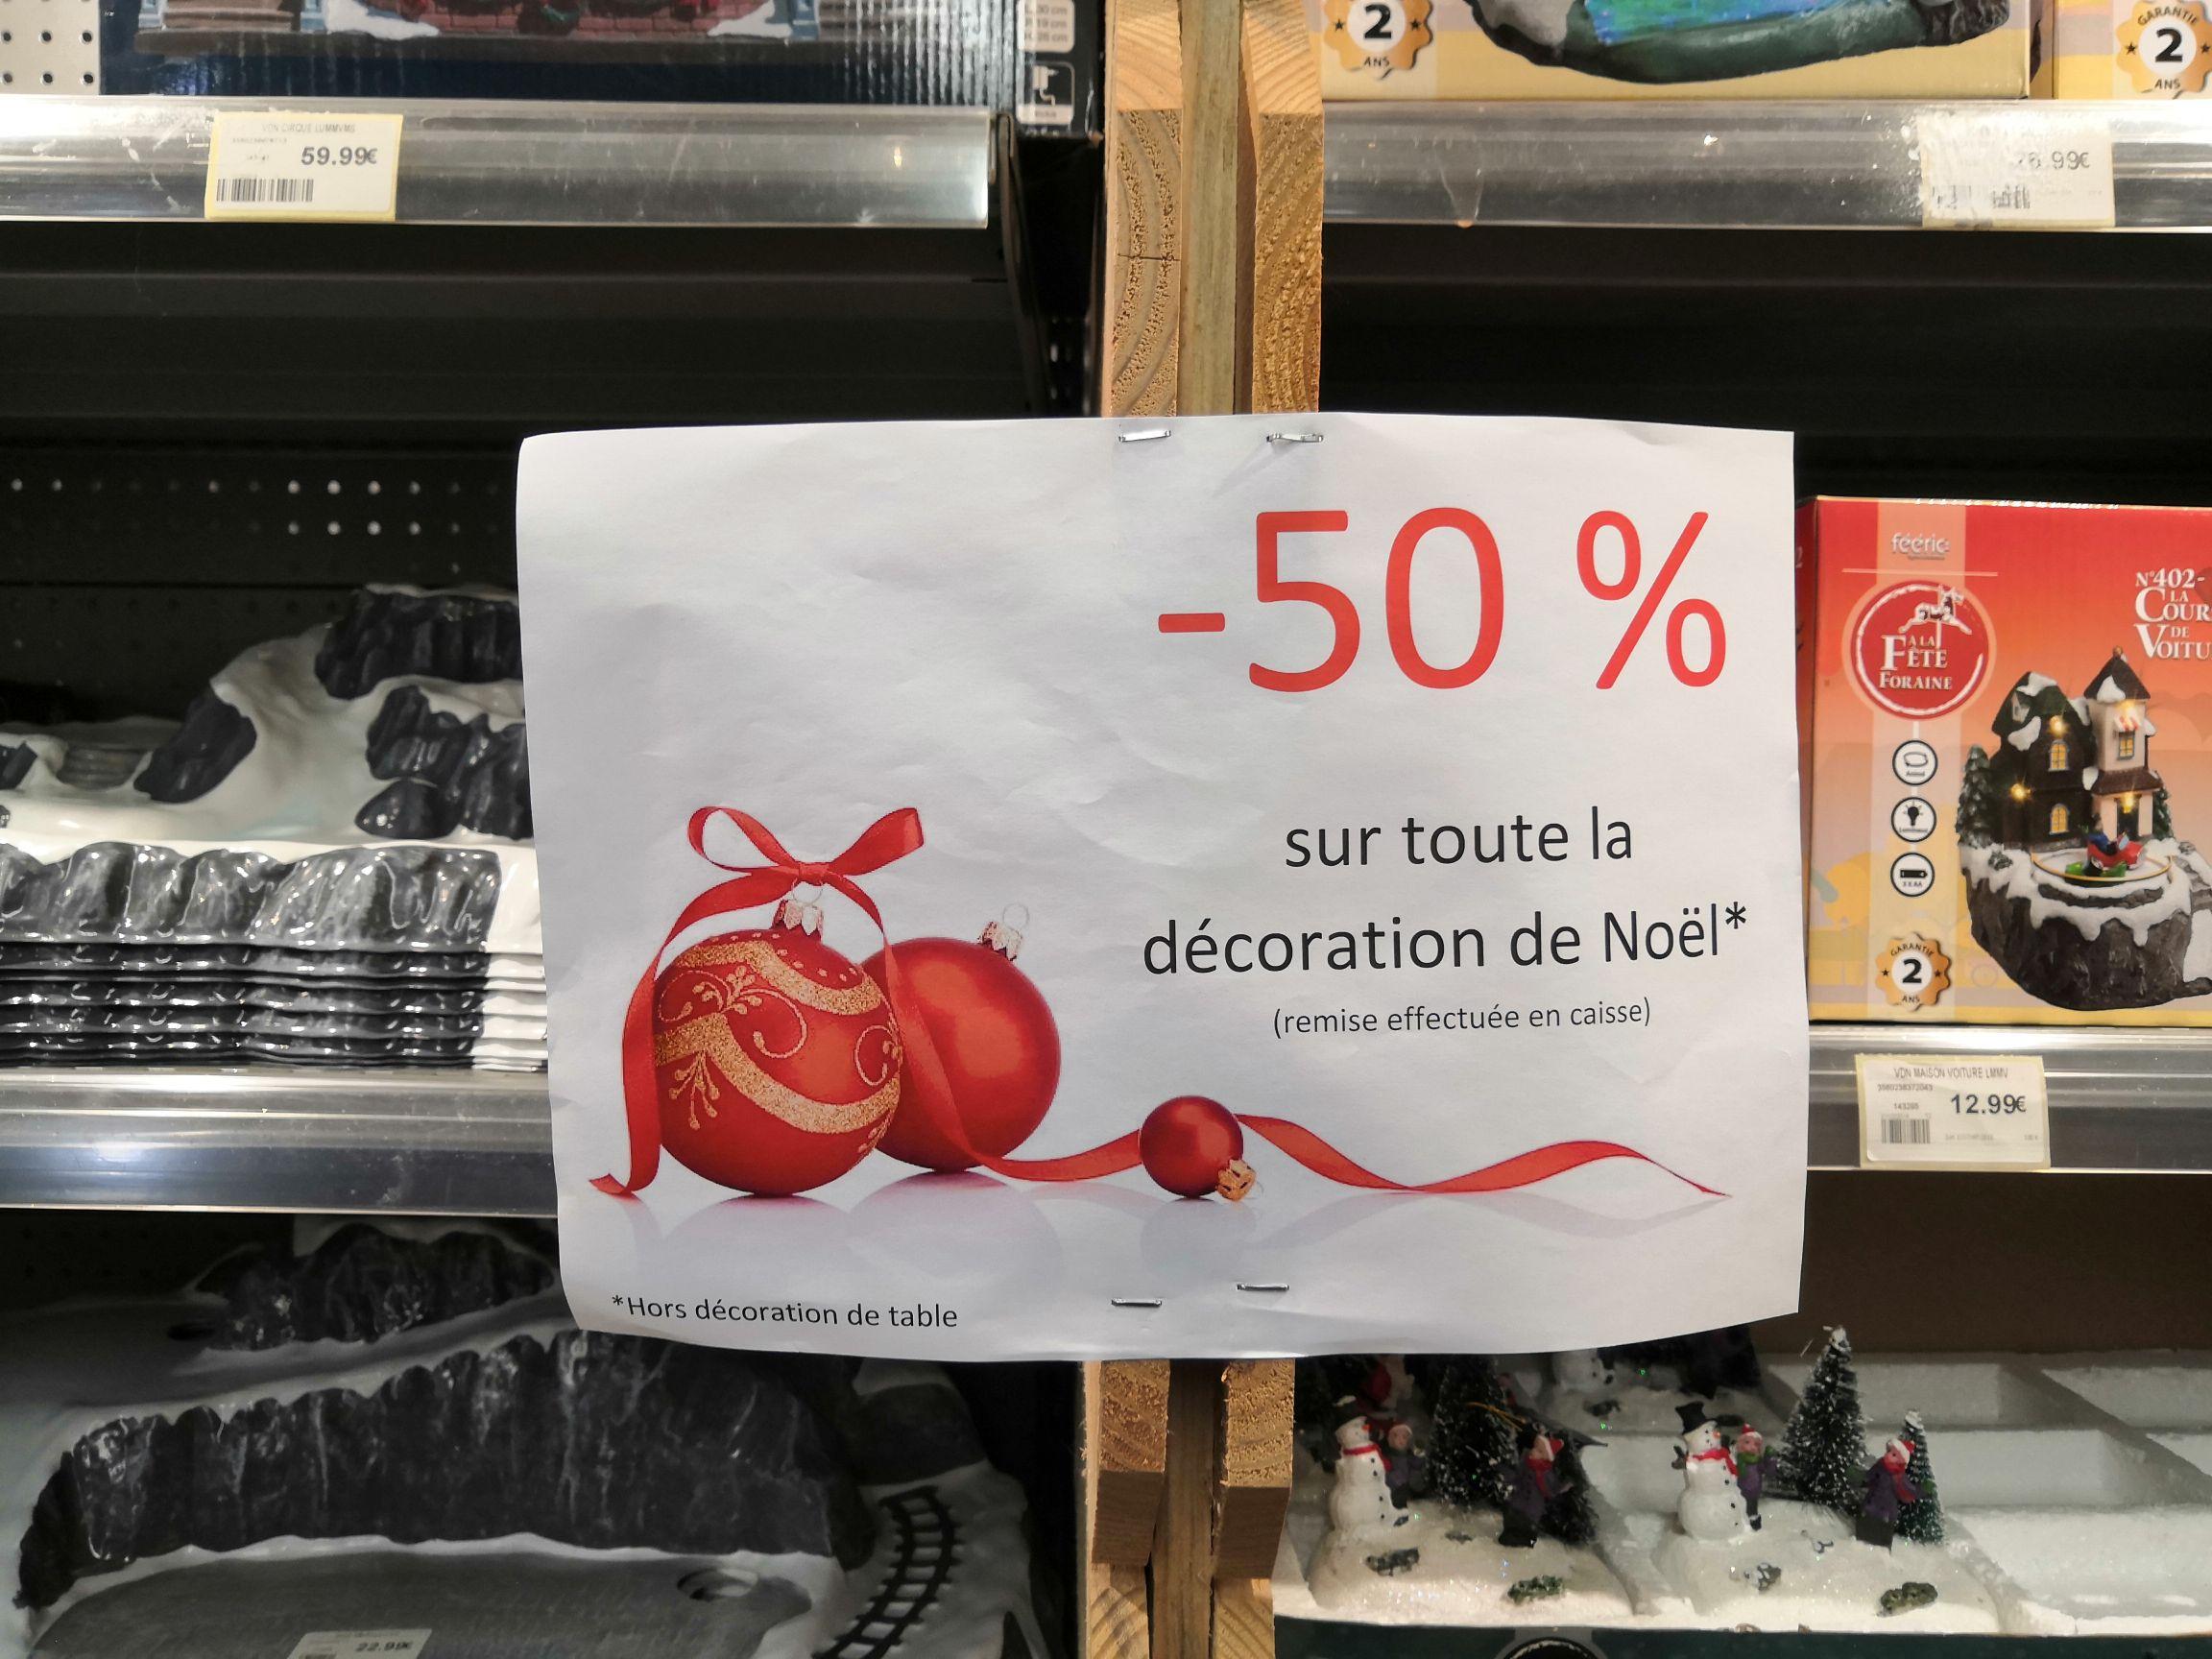 -50% sur toute la décoration de Noël à Ivantout Créon (33)